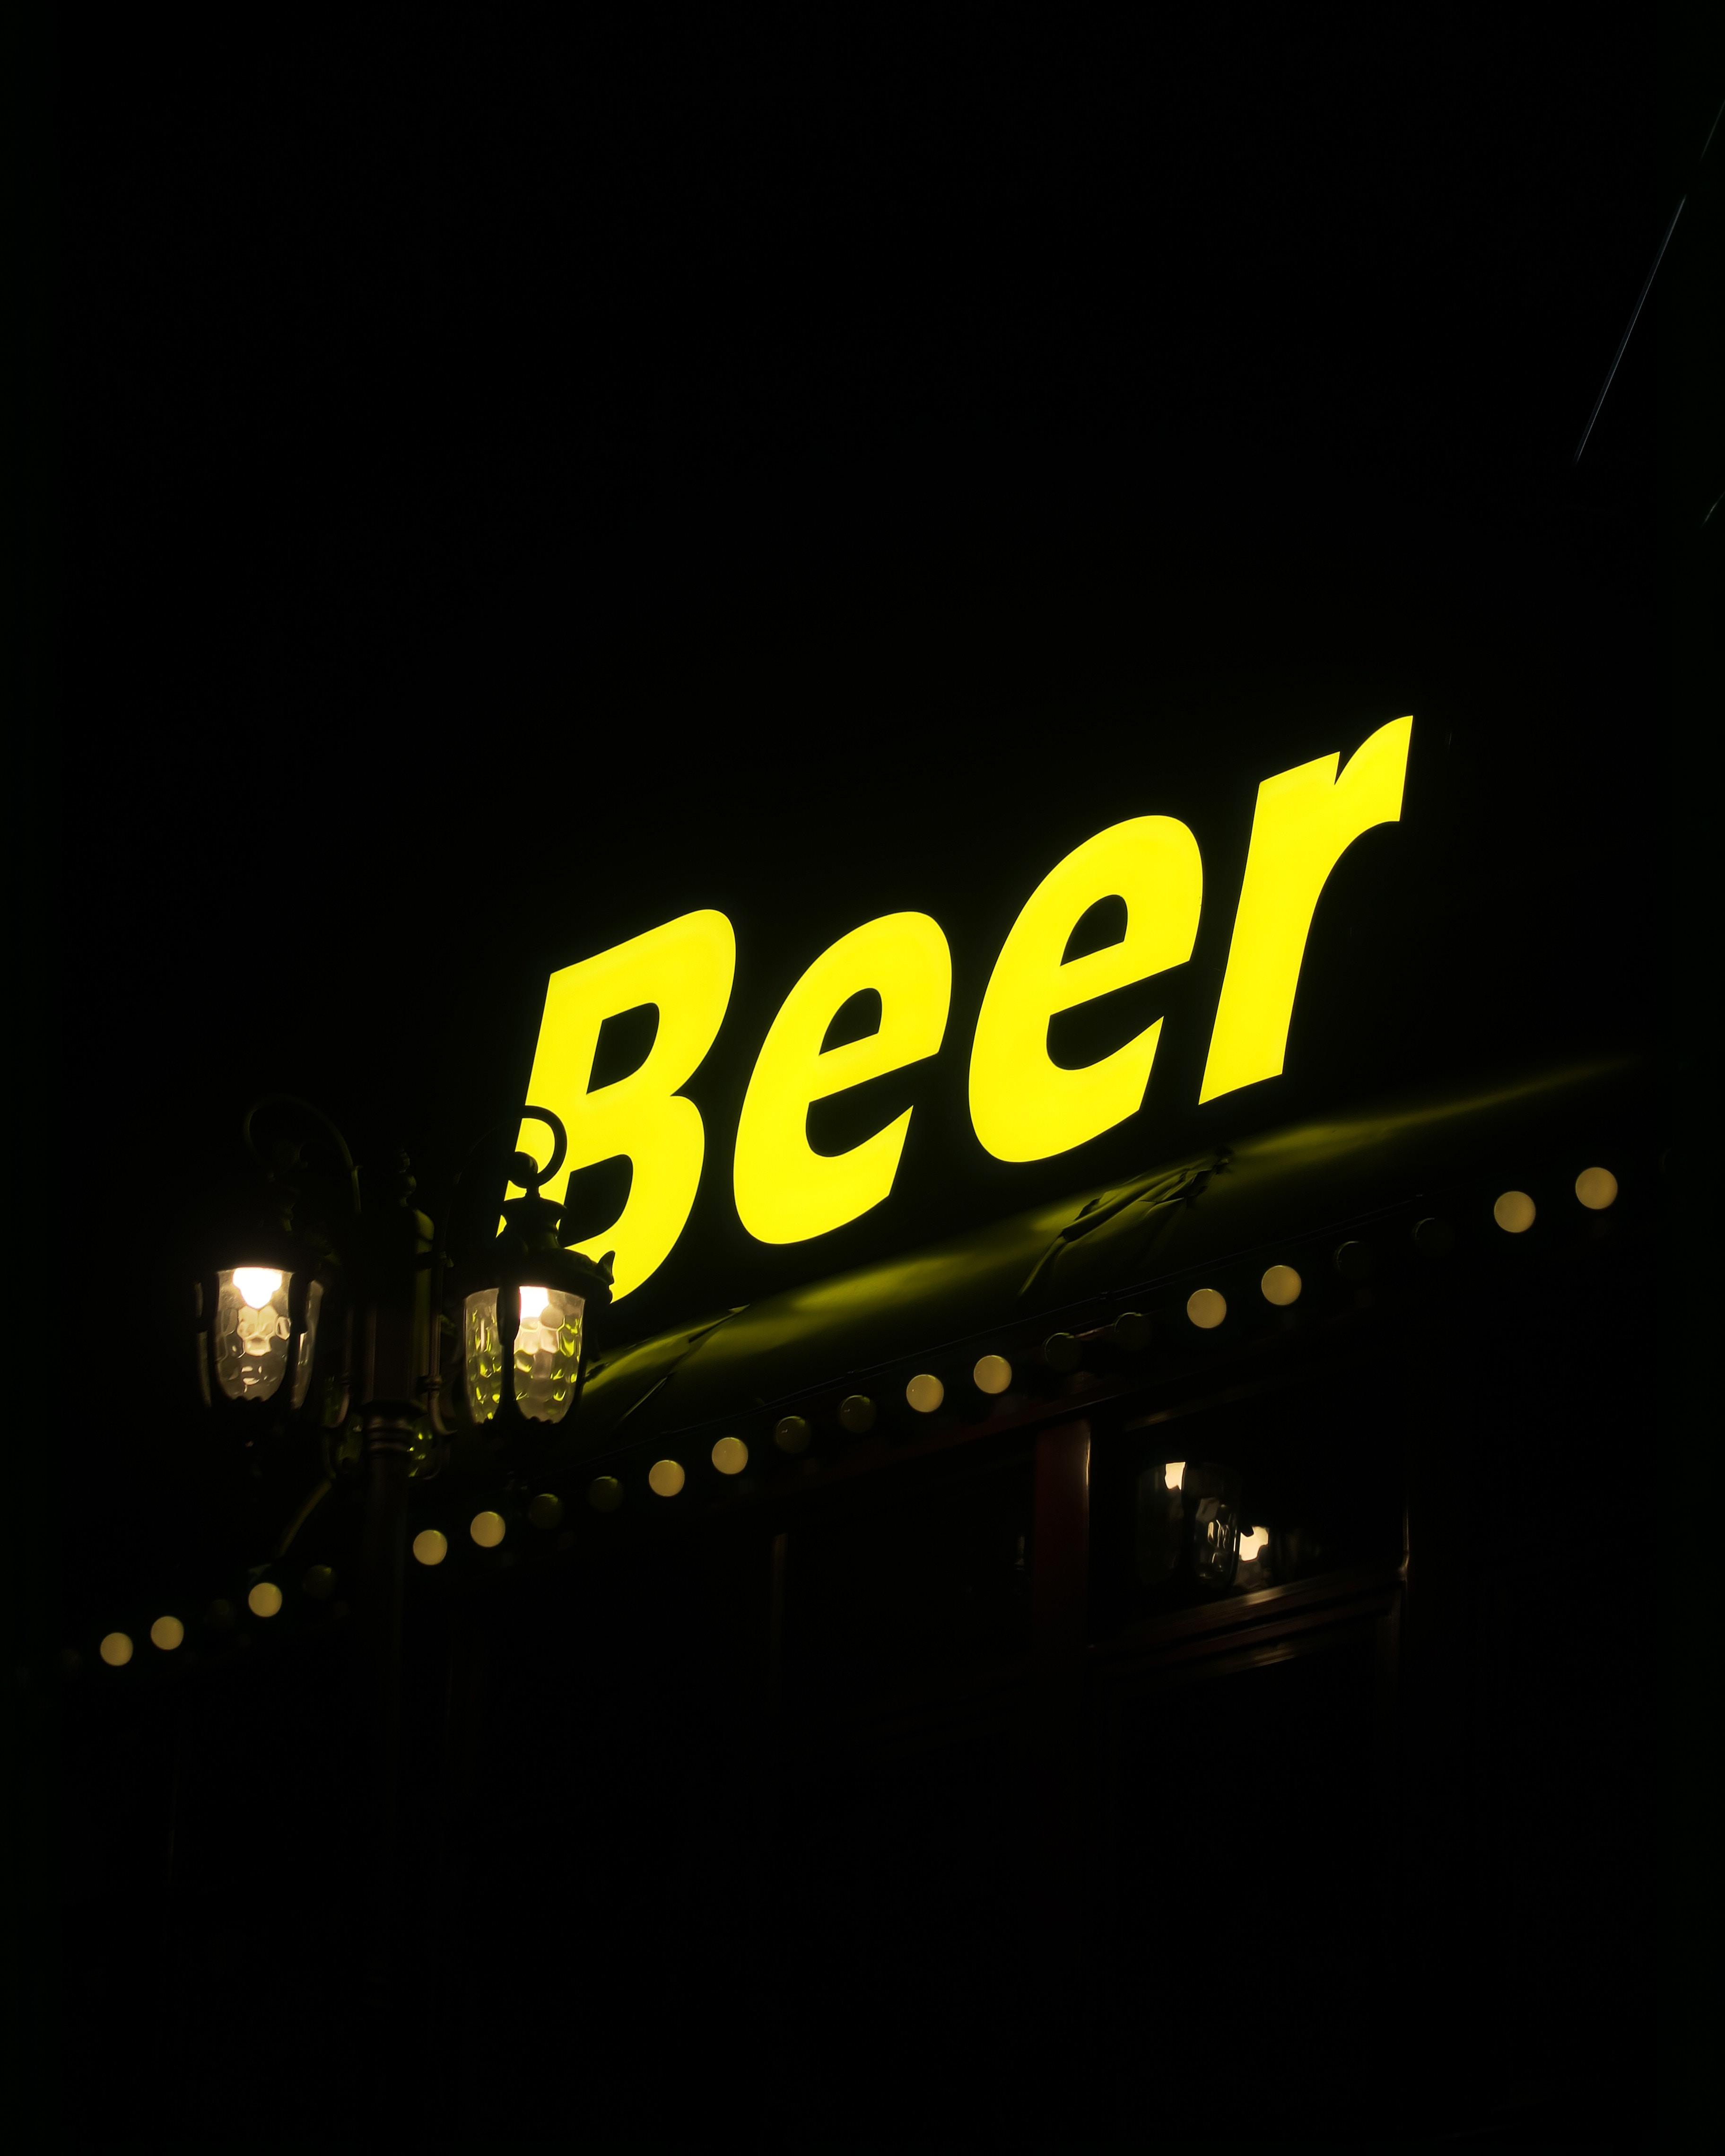 yellow Beer neon sign